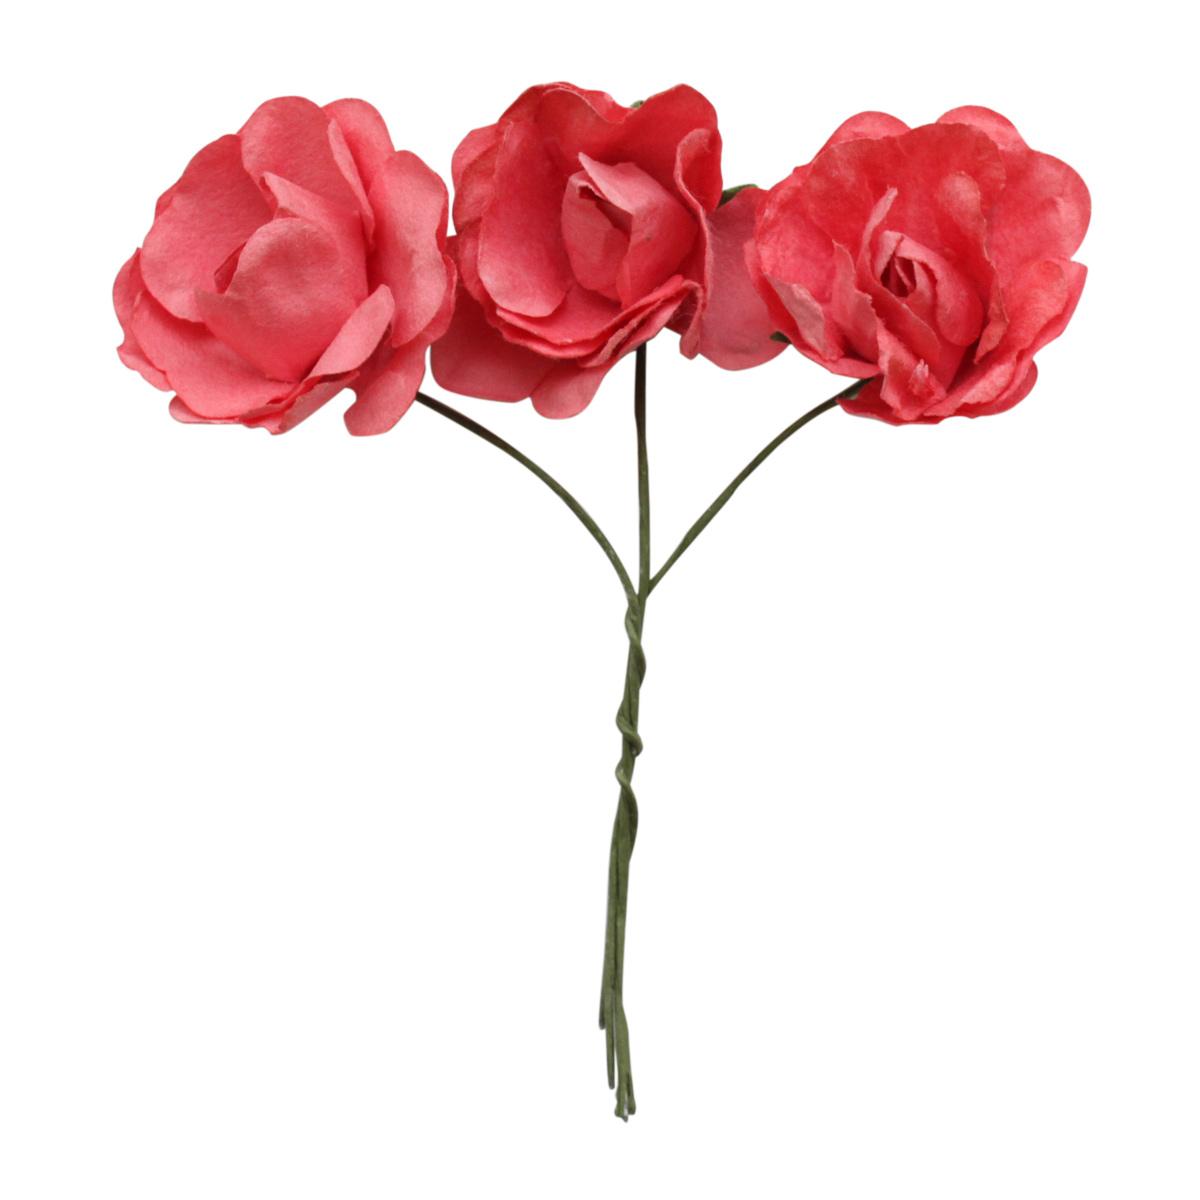 MH3-2188 Набор декоративных цветов D=3*1,5см, 12шт, Астра